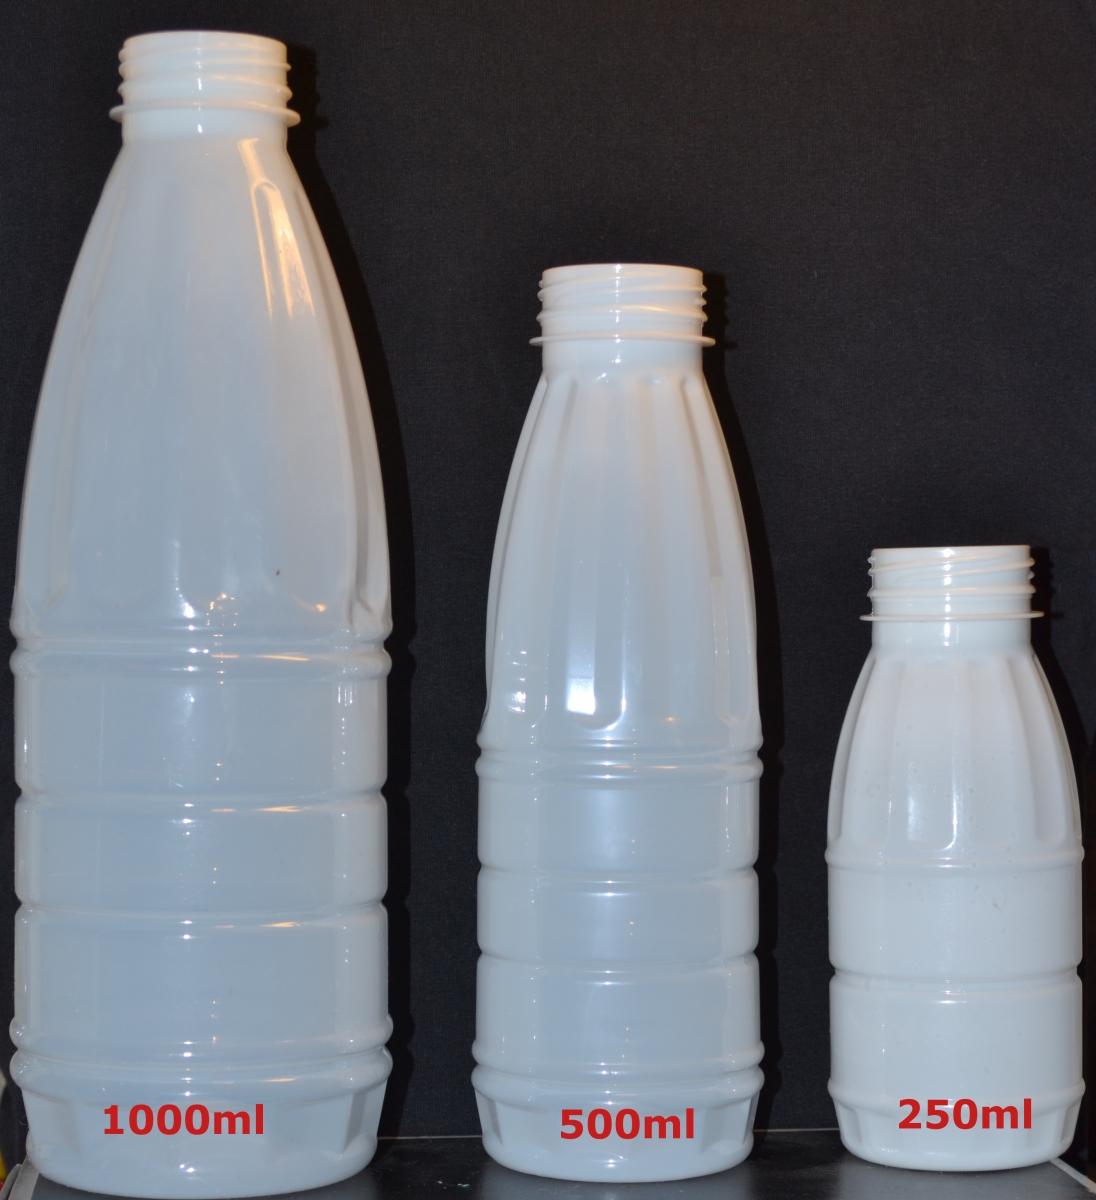 φιάλες γάλακτος χυμού